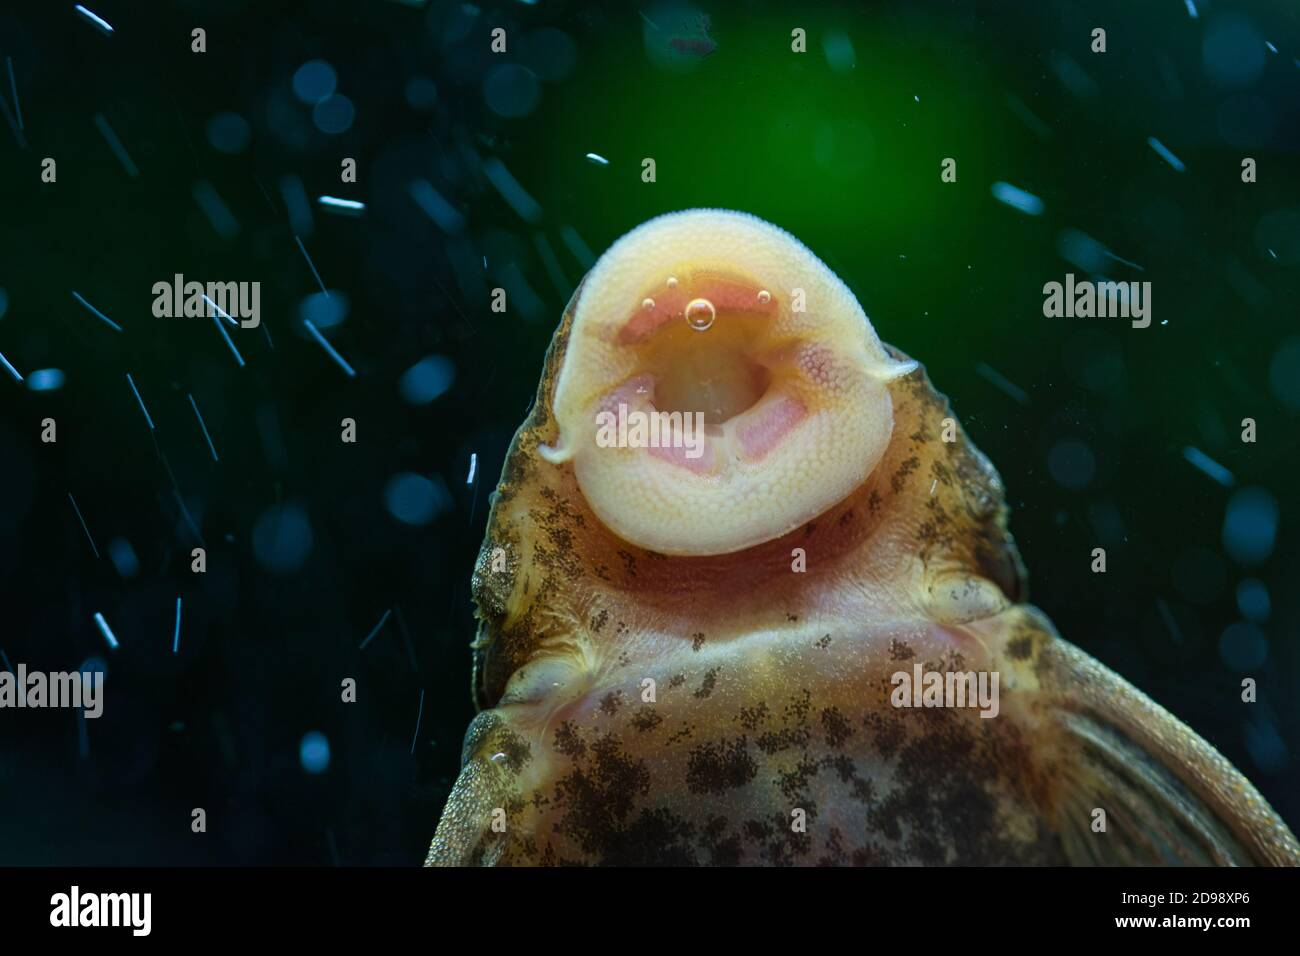 Un poisson algue qui suce les algues de la paroi du réservoir de l'aquarium, texture détaillée de la bouche du poisson et du dessous du corps, vert foncé flou de dos Banque D'Images